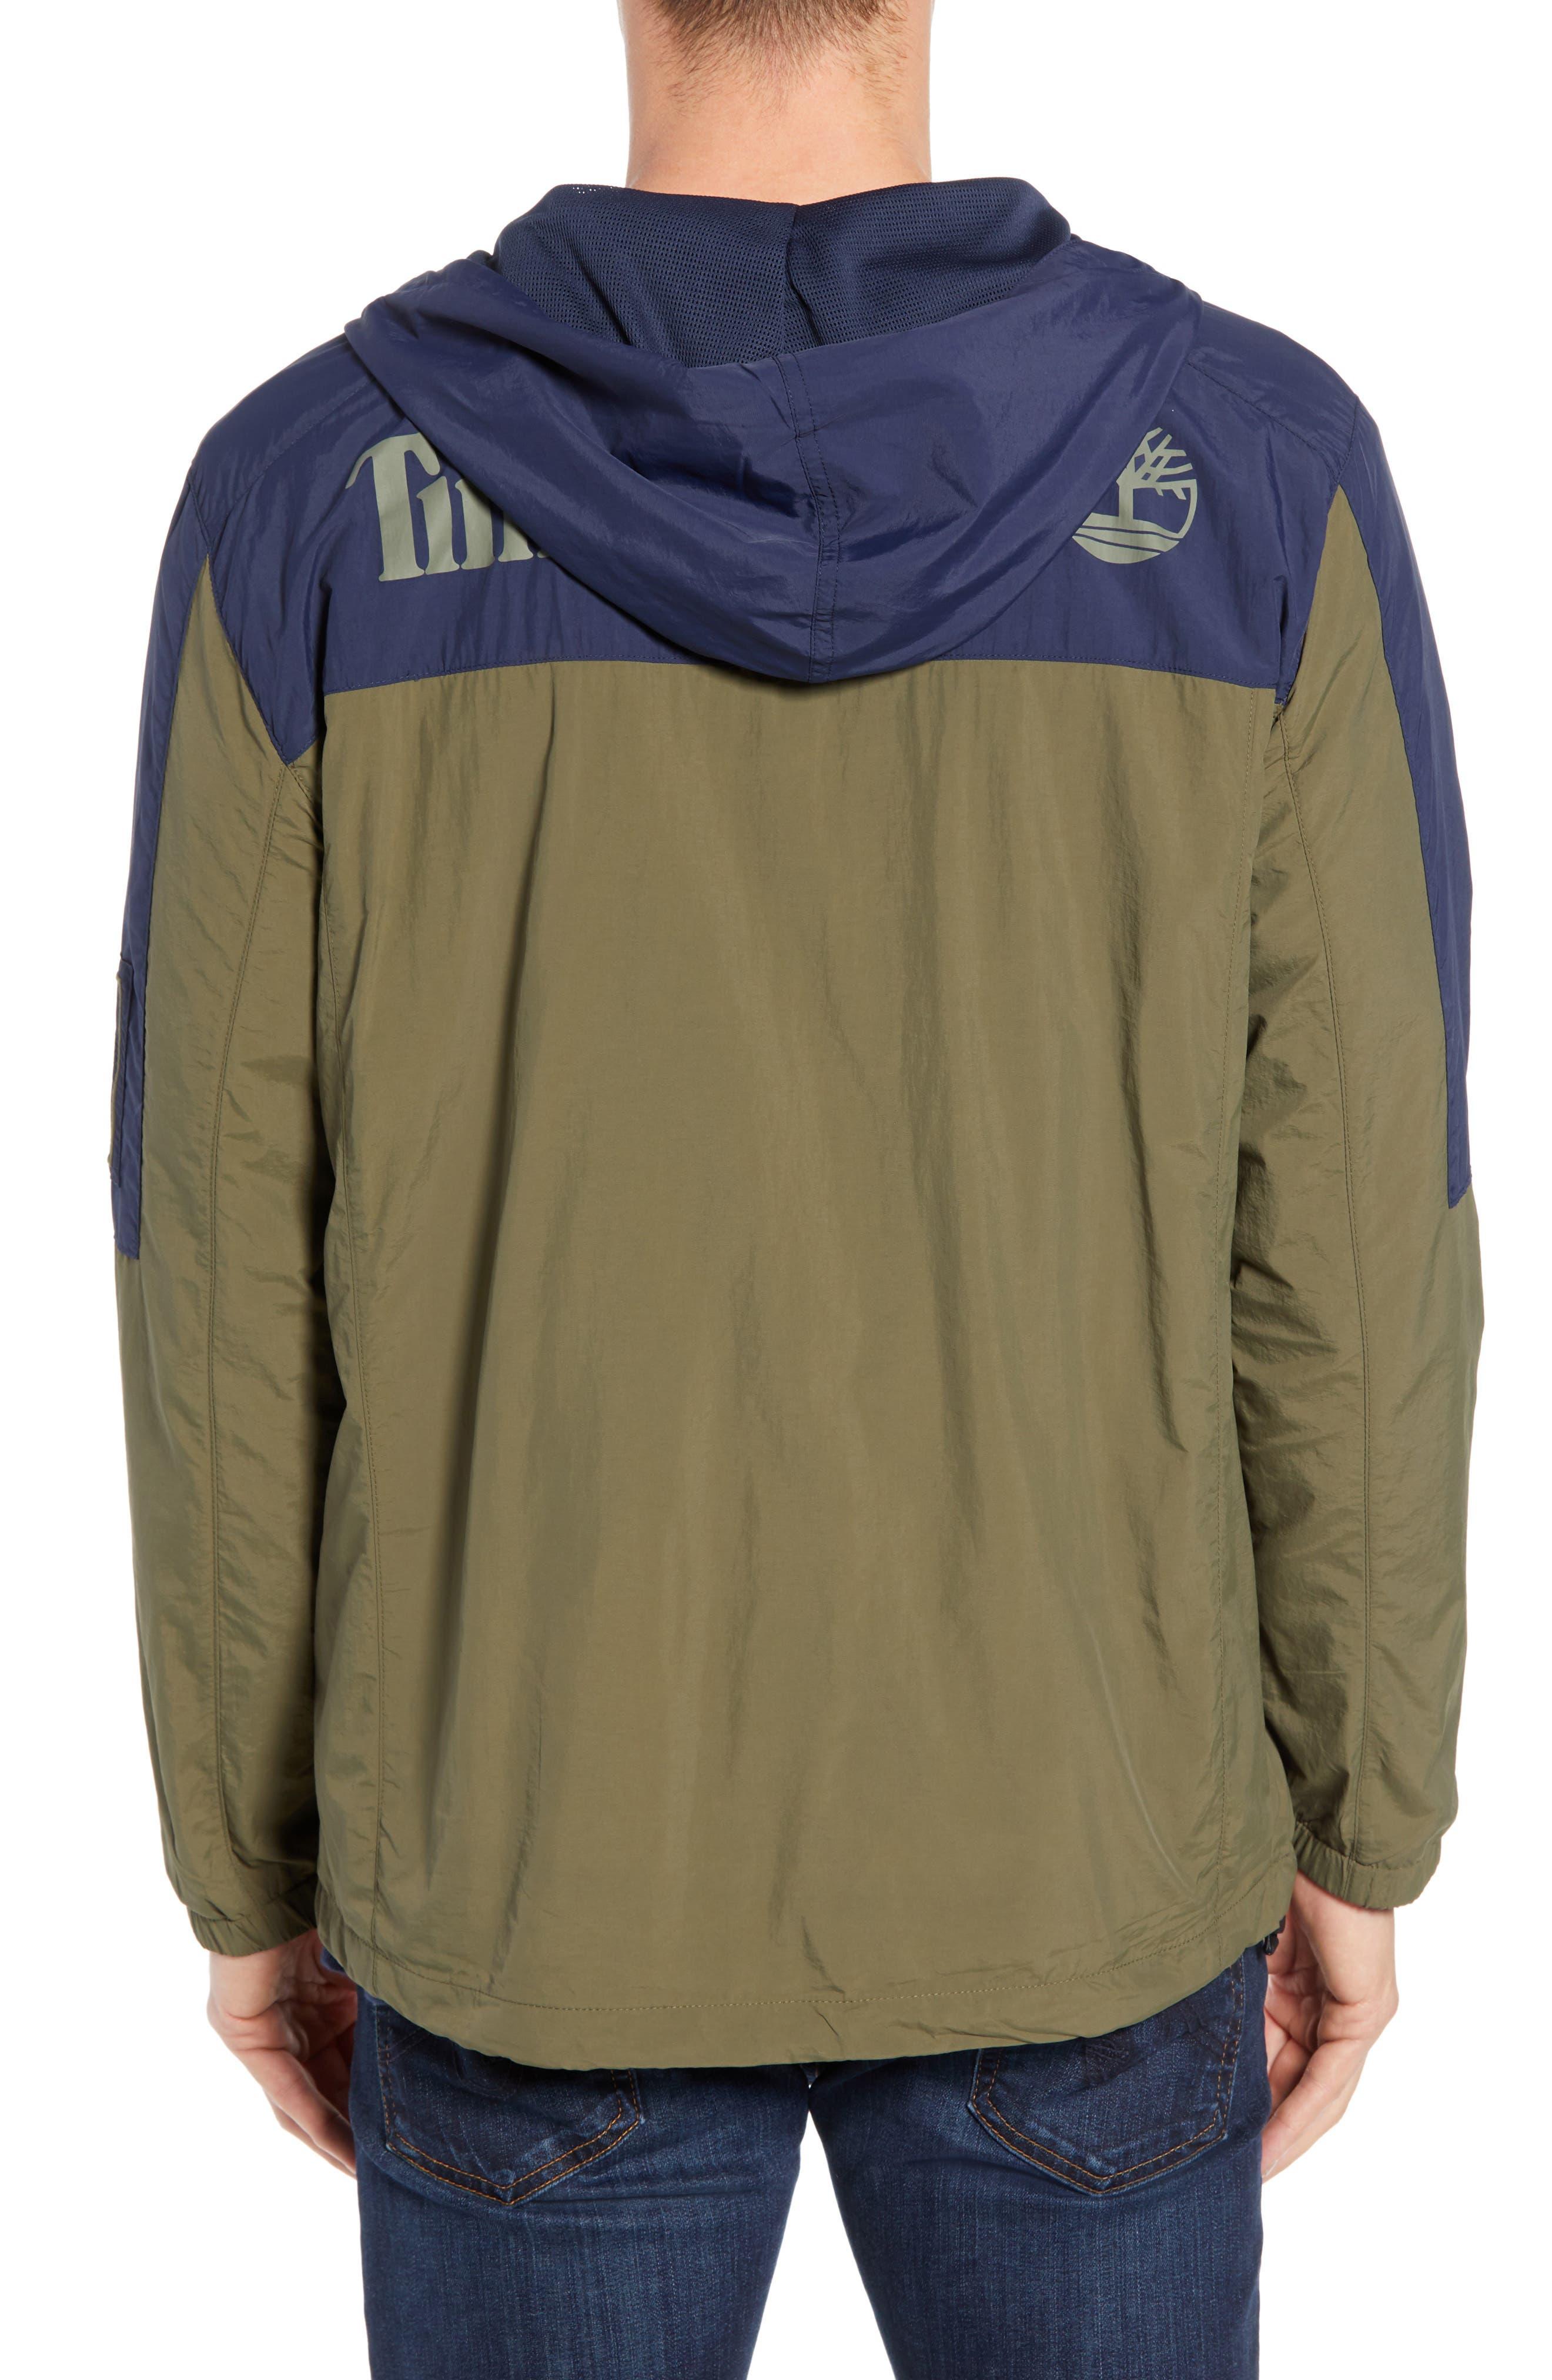 Windbreaker Hooded Jacket,                             Alternate thumbnail 2, color,                             GRAPE LEAF/ BLACK IRIS